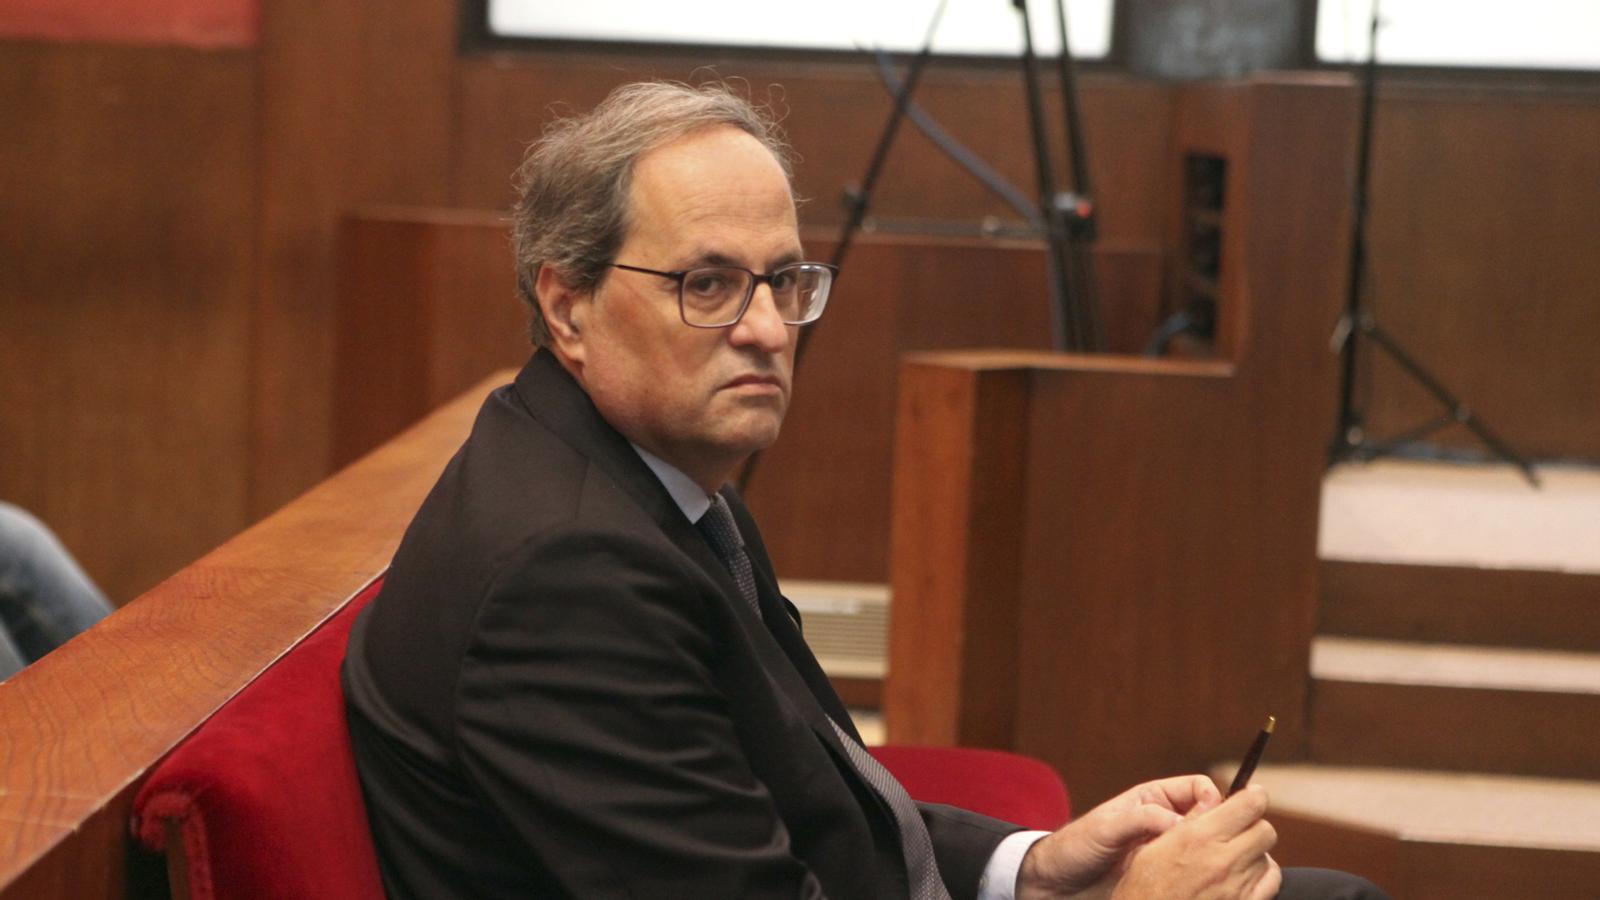 L'anàlisi d'Antoni Bassas: 'El judici del cansament històric'